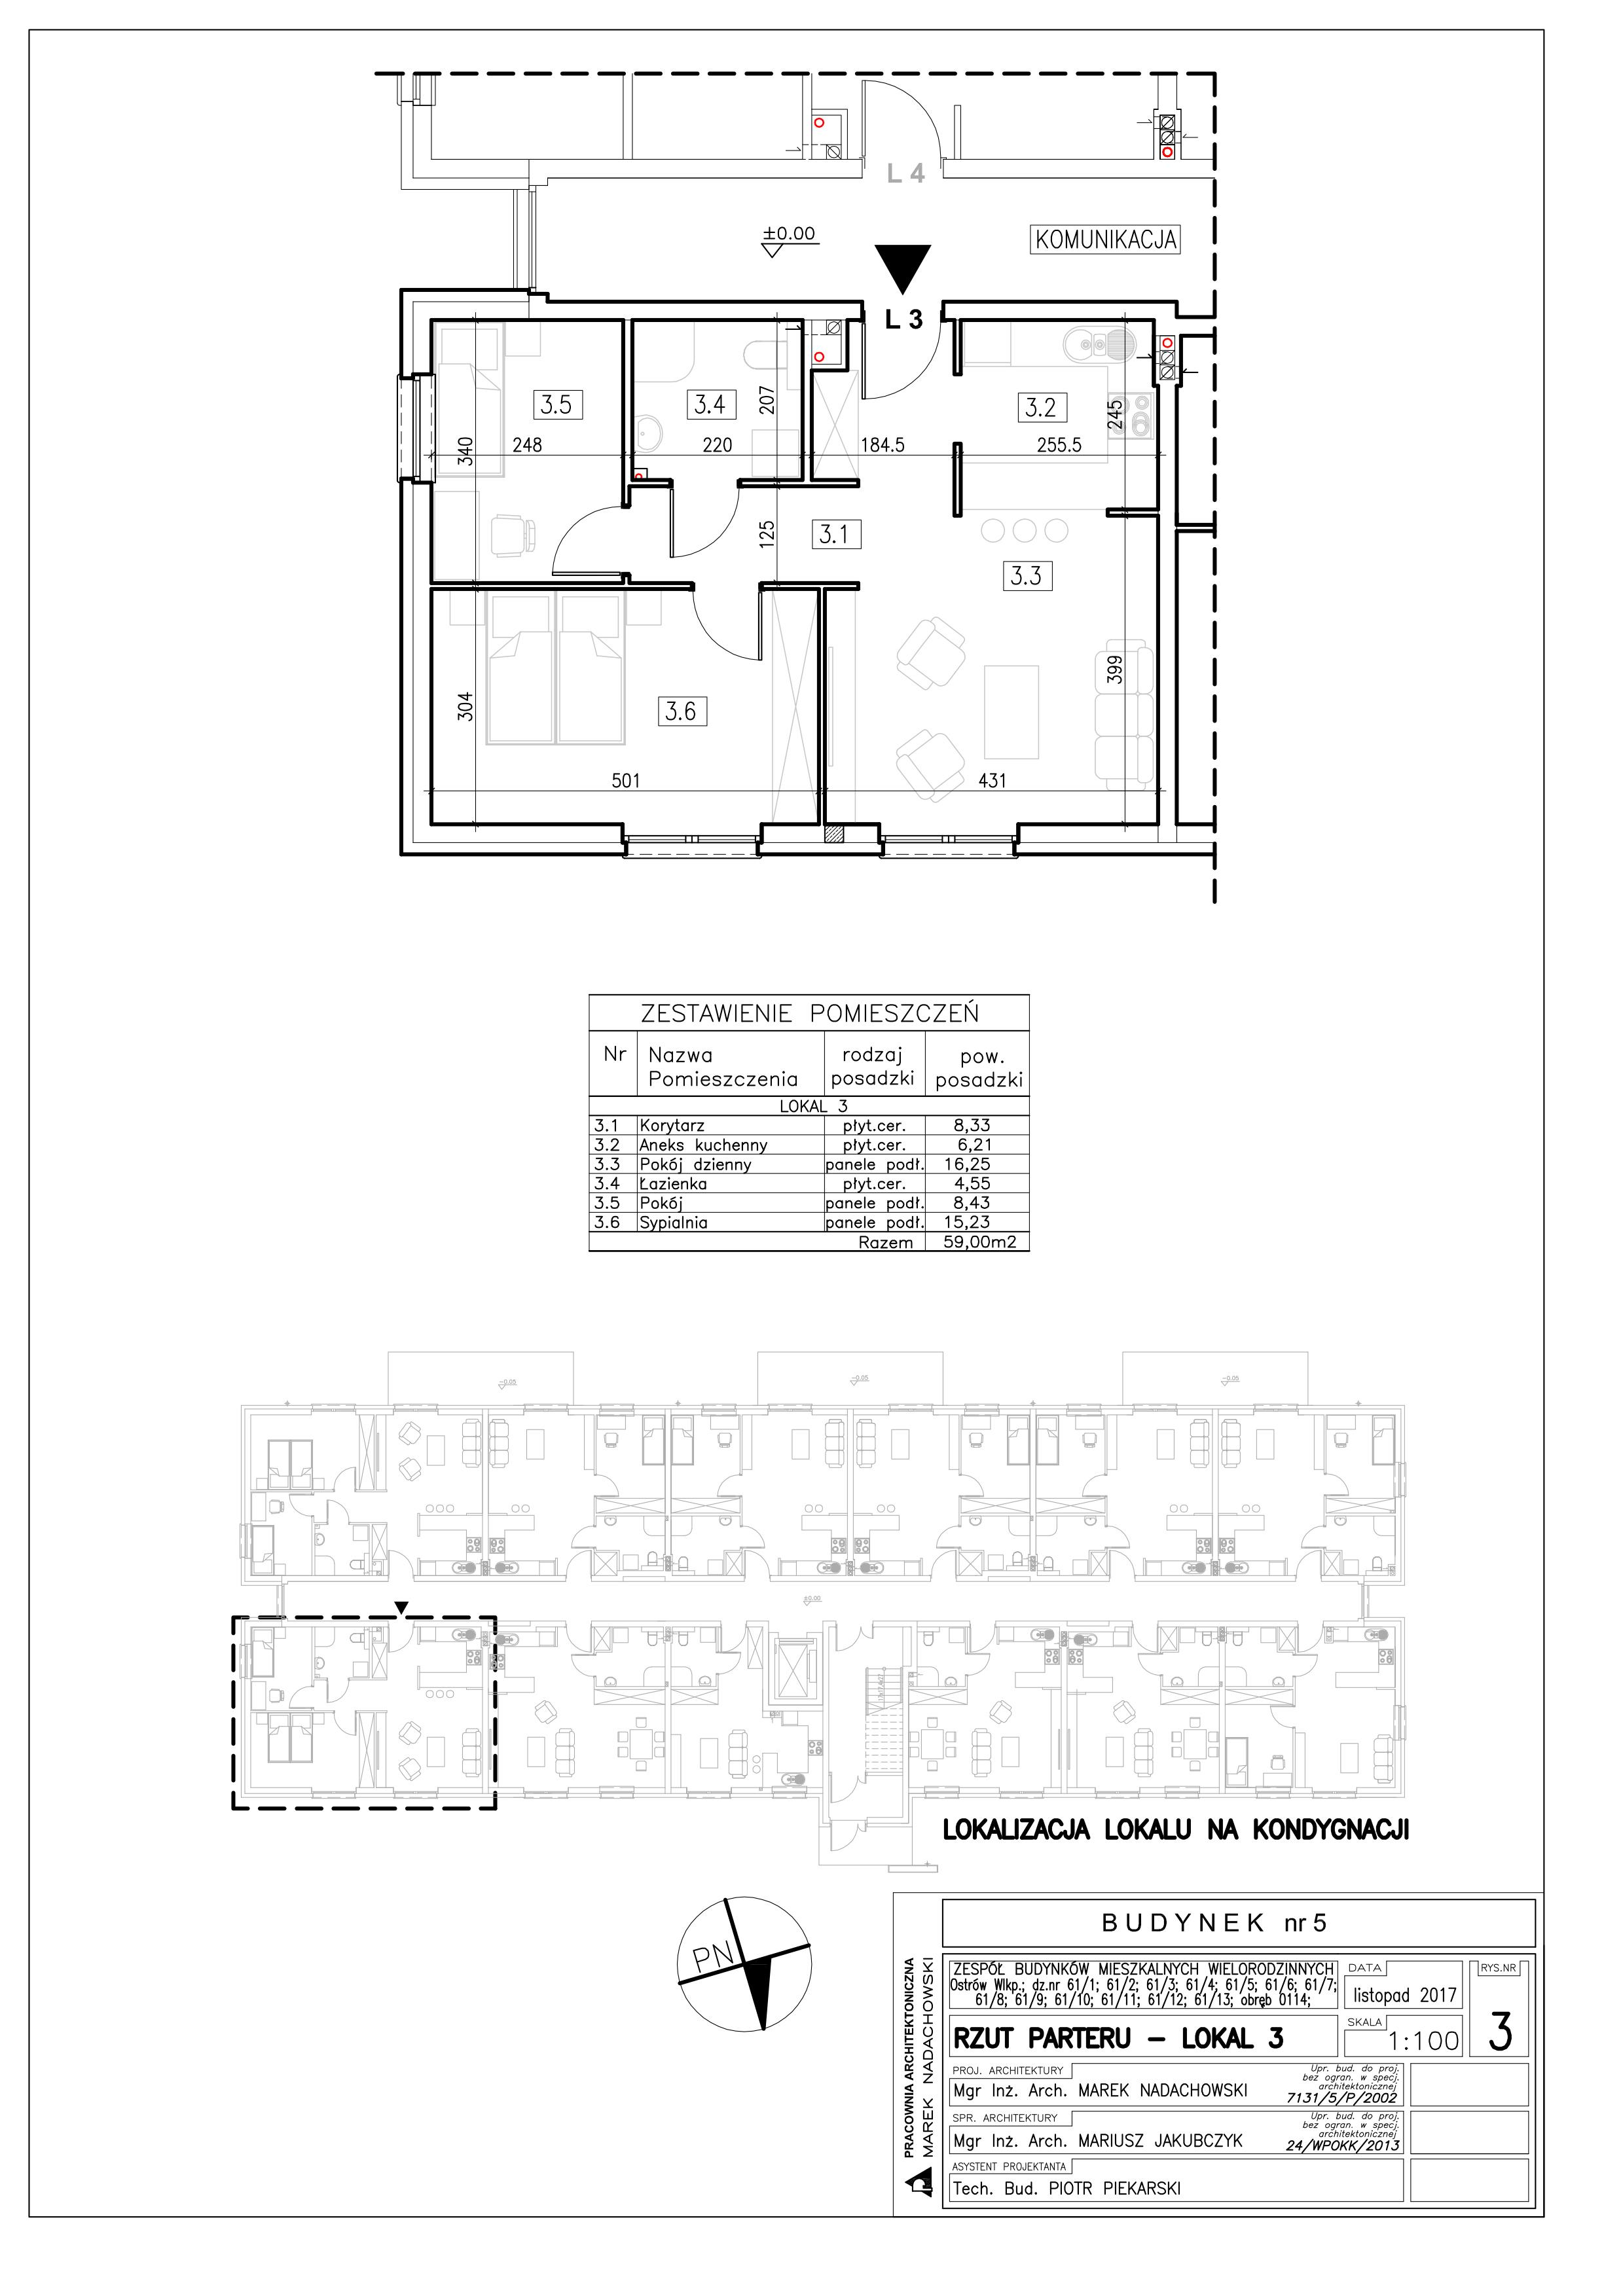 Lokal nr 3 Powierzchnia: 59,00 m2